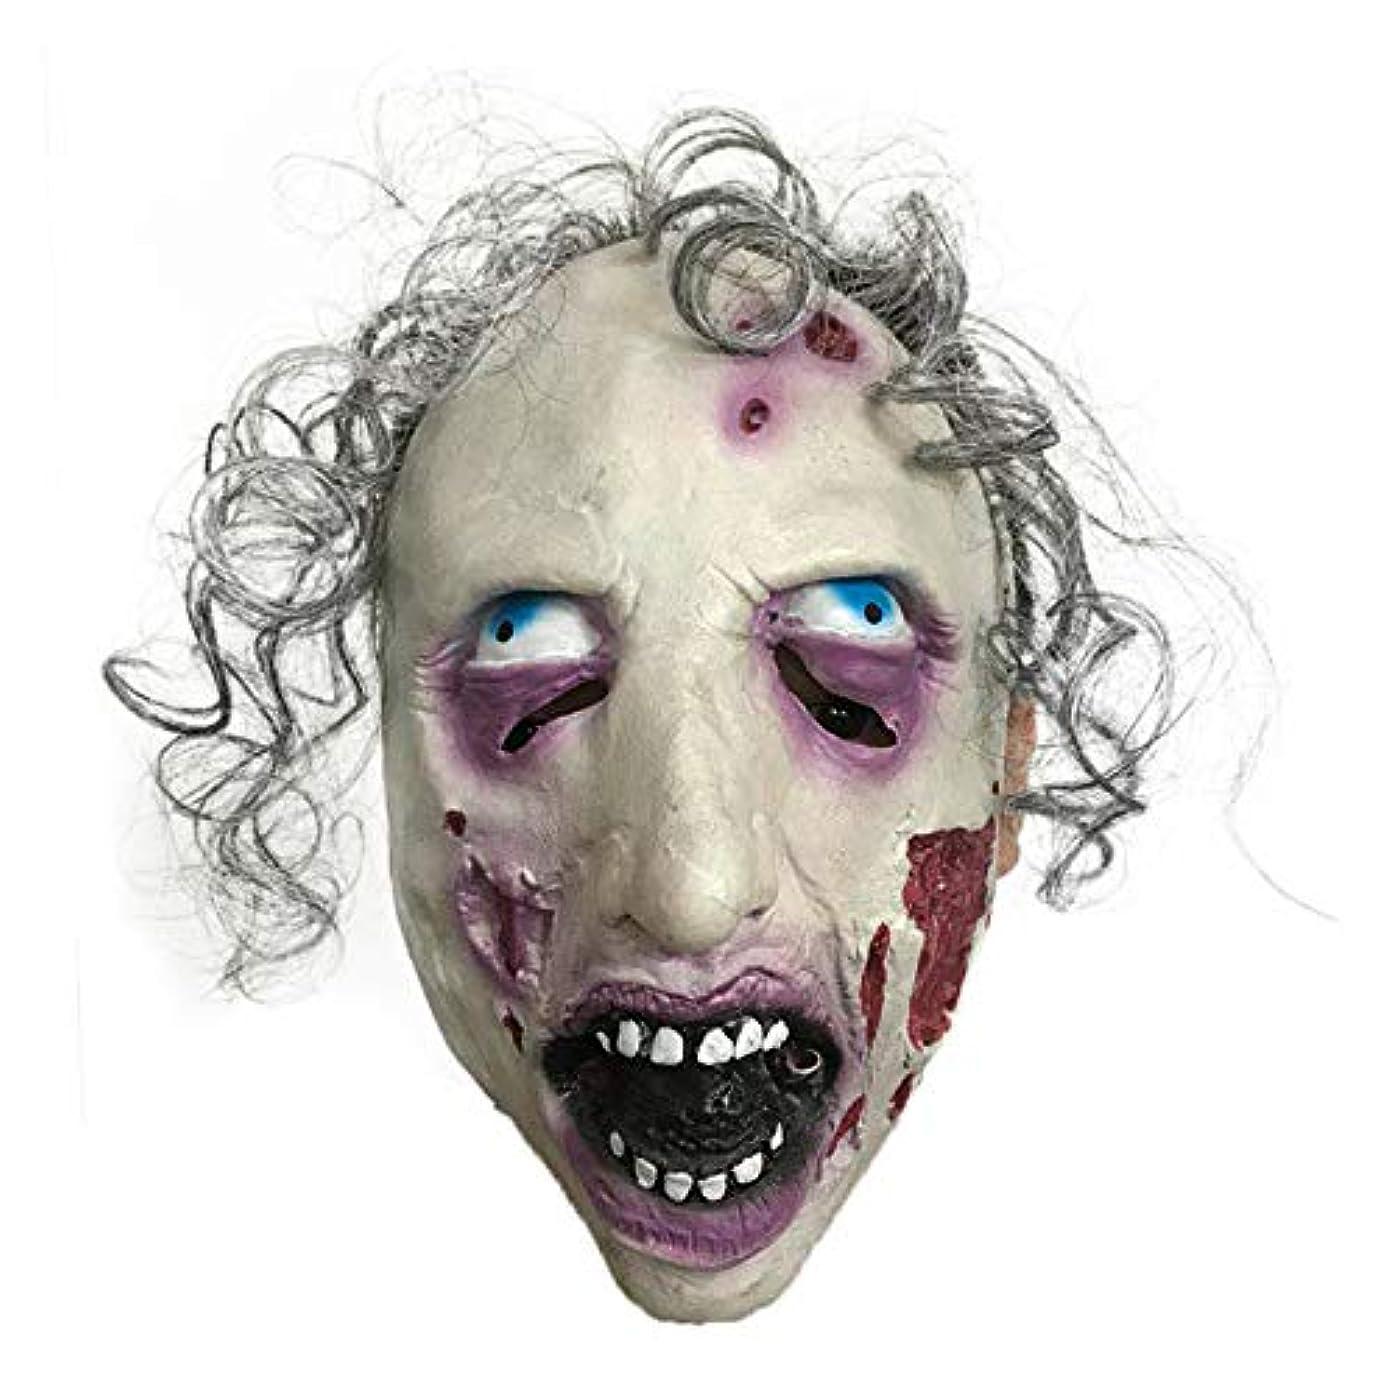 セラー腸ヘッジマスクでハロウィンホラー、ゾンビマスク、オタクダンスドレス、腐った顔を果たし、銀